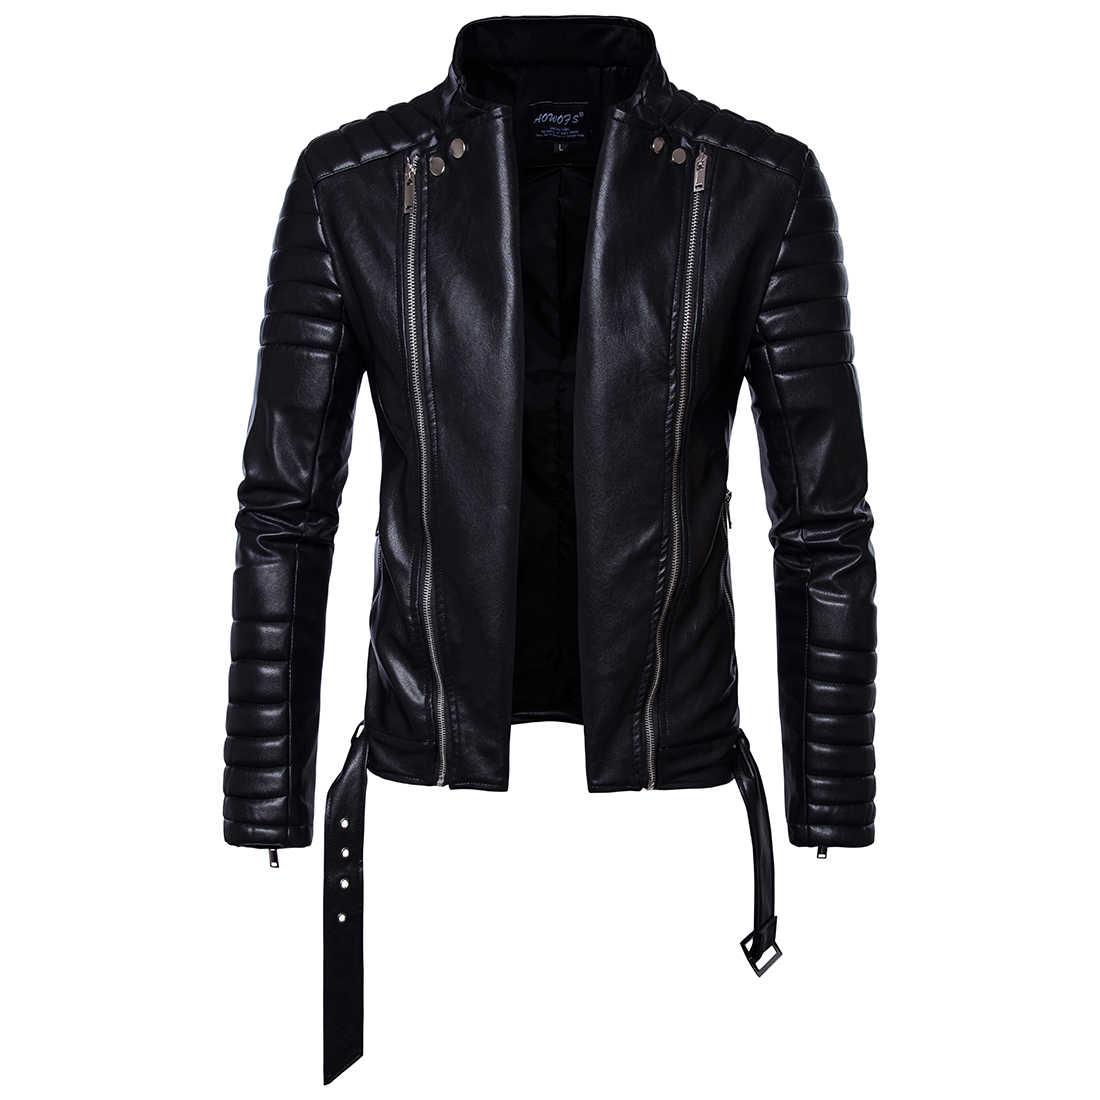 Новые осенние мужские кожаные мотоциклетные пояса шнурком Пальто  Повседневная кожаная куртка мужская куртка раза рукав двойная 298c908c7b7